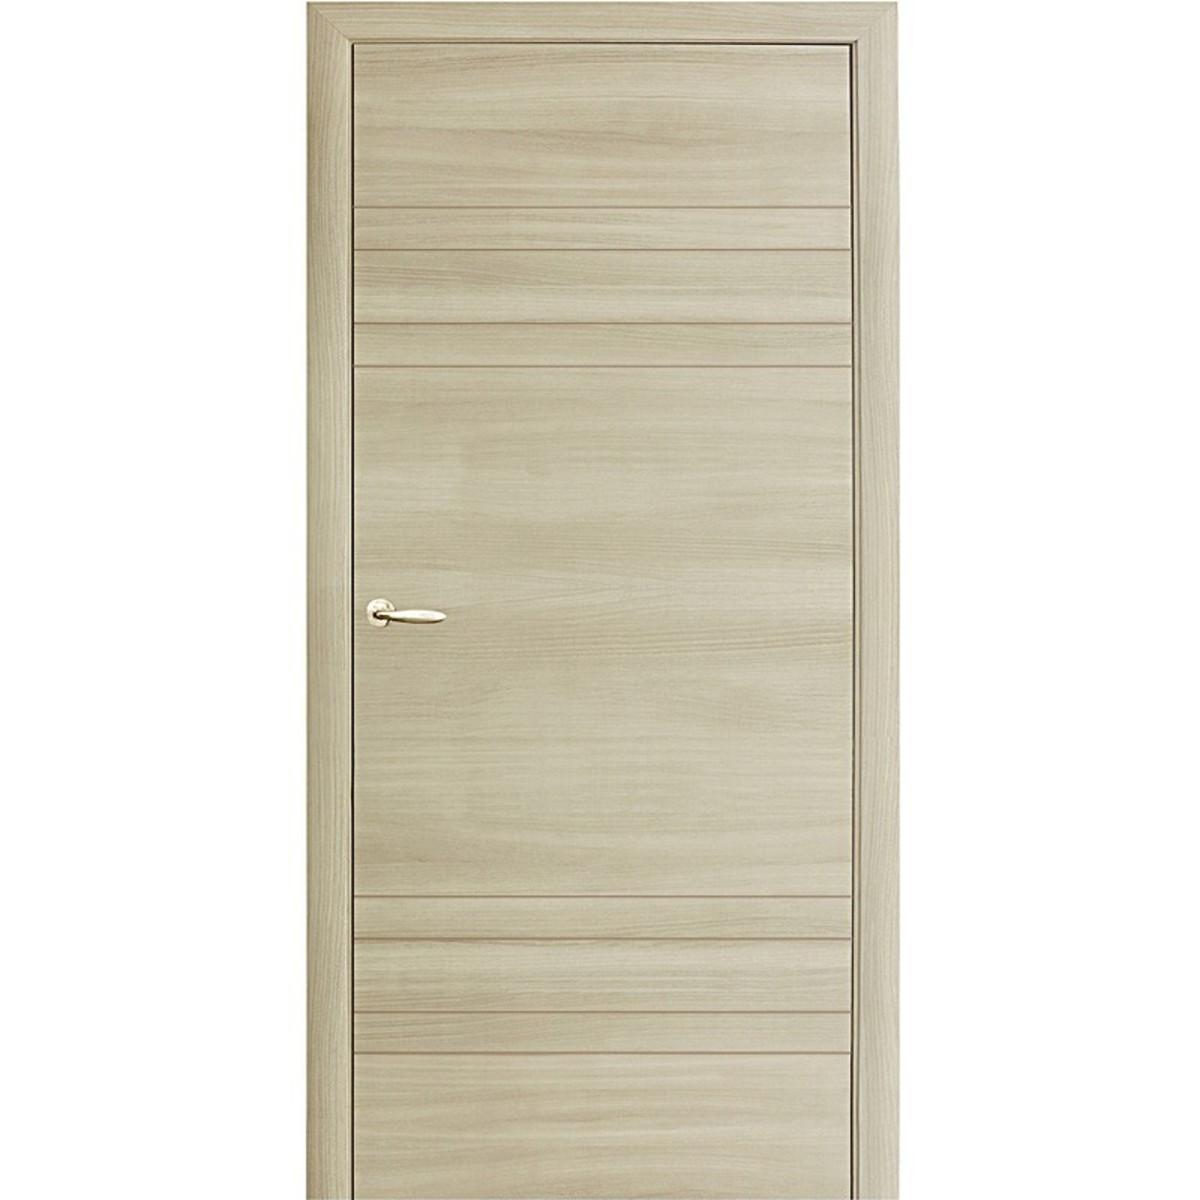 Дверное полотно глухое Модерн 70x200 см ламинация королевский орех светлый